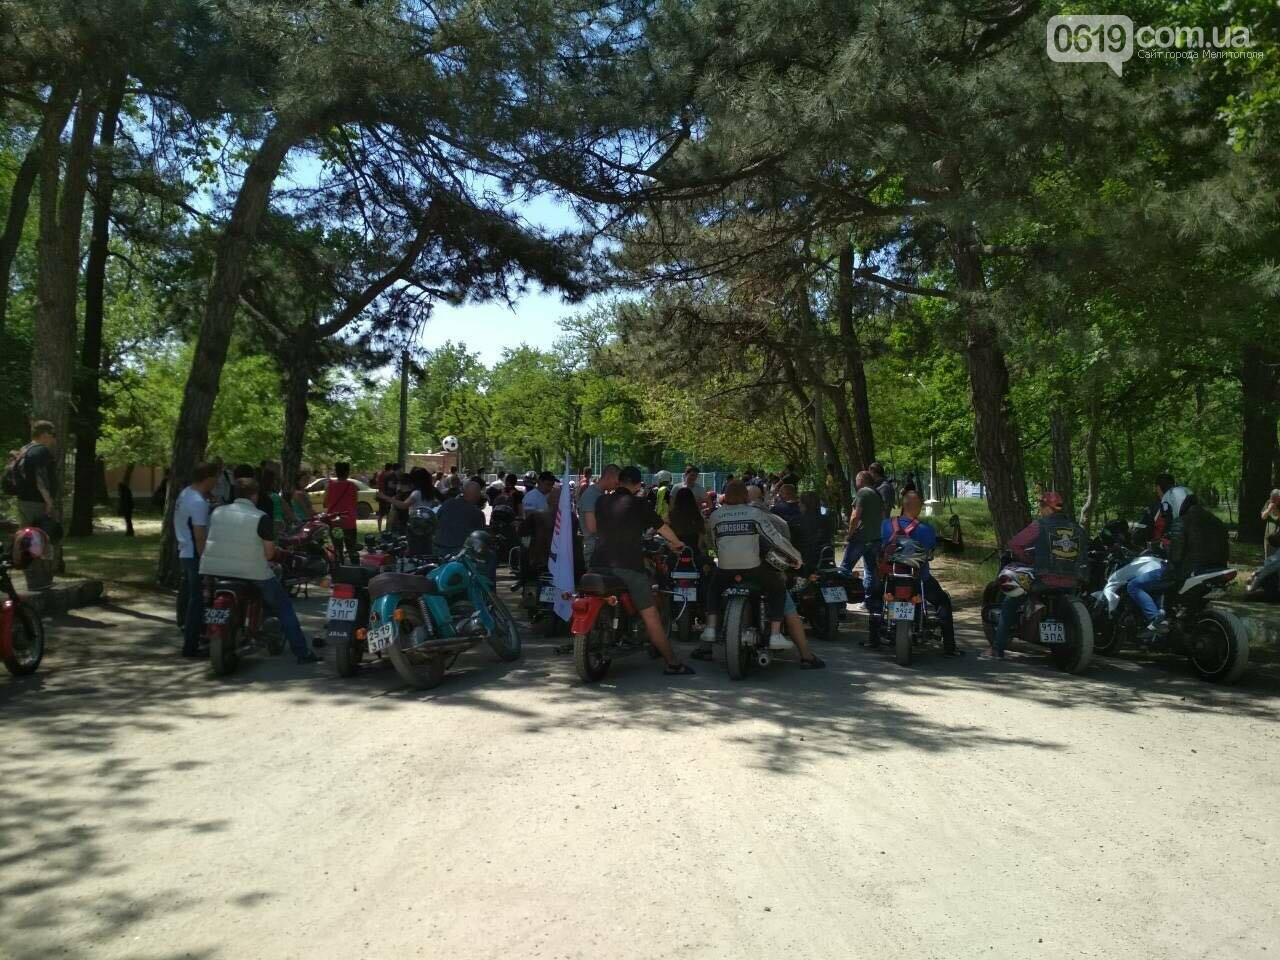 Мелитопольские байкеры открыли новый сезон мотопробегом, фото-4